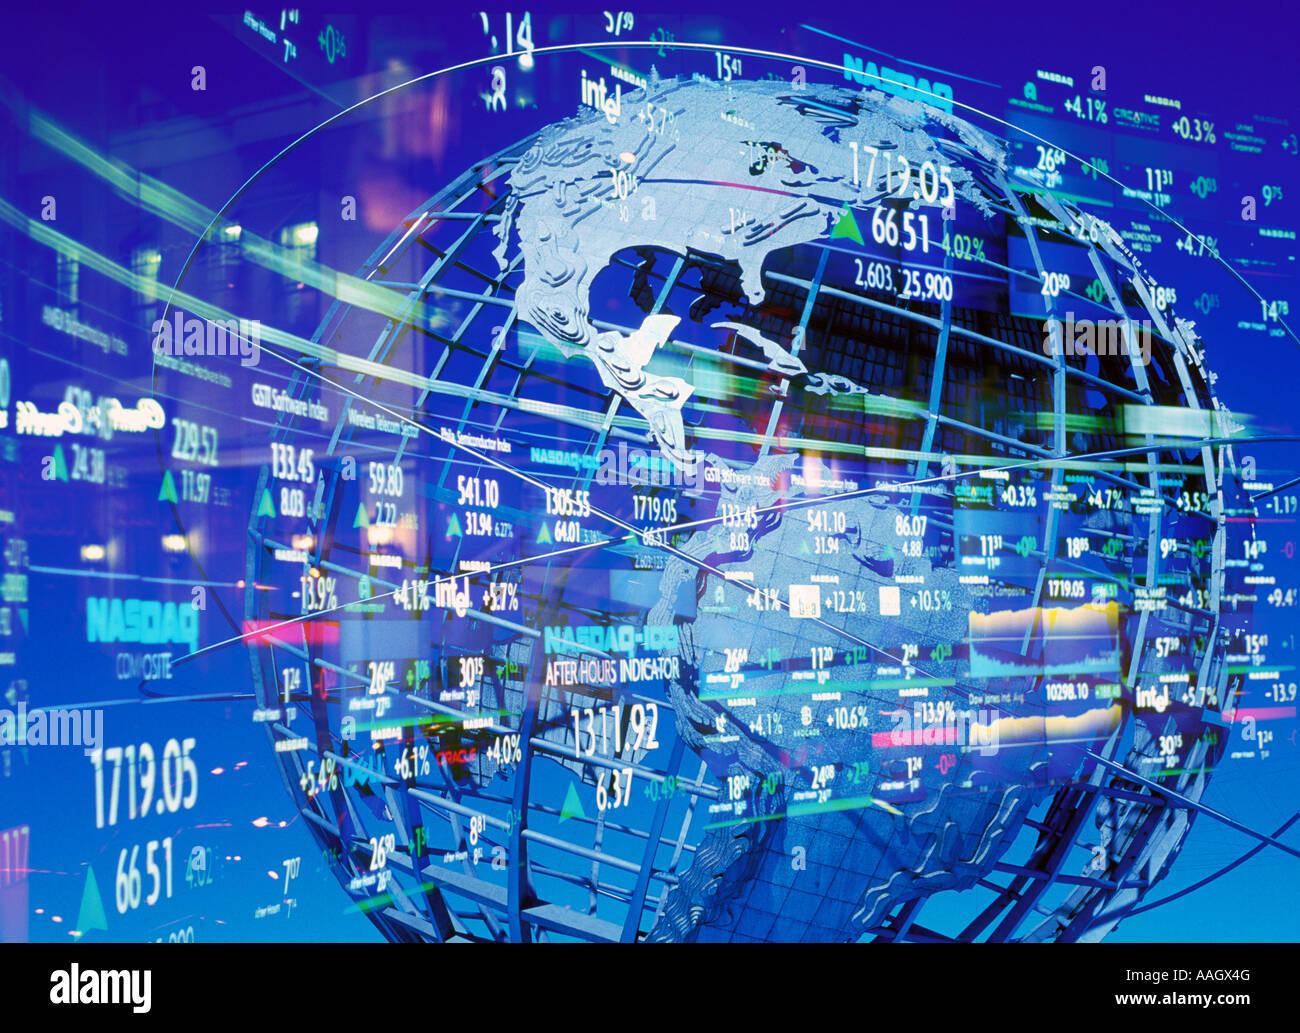 World stock exchange symbols choice image symbol and sign ideas globe and stock market symbols stock photo royalty free image globe and stock market symbols buycottarizona buycottarizona